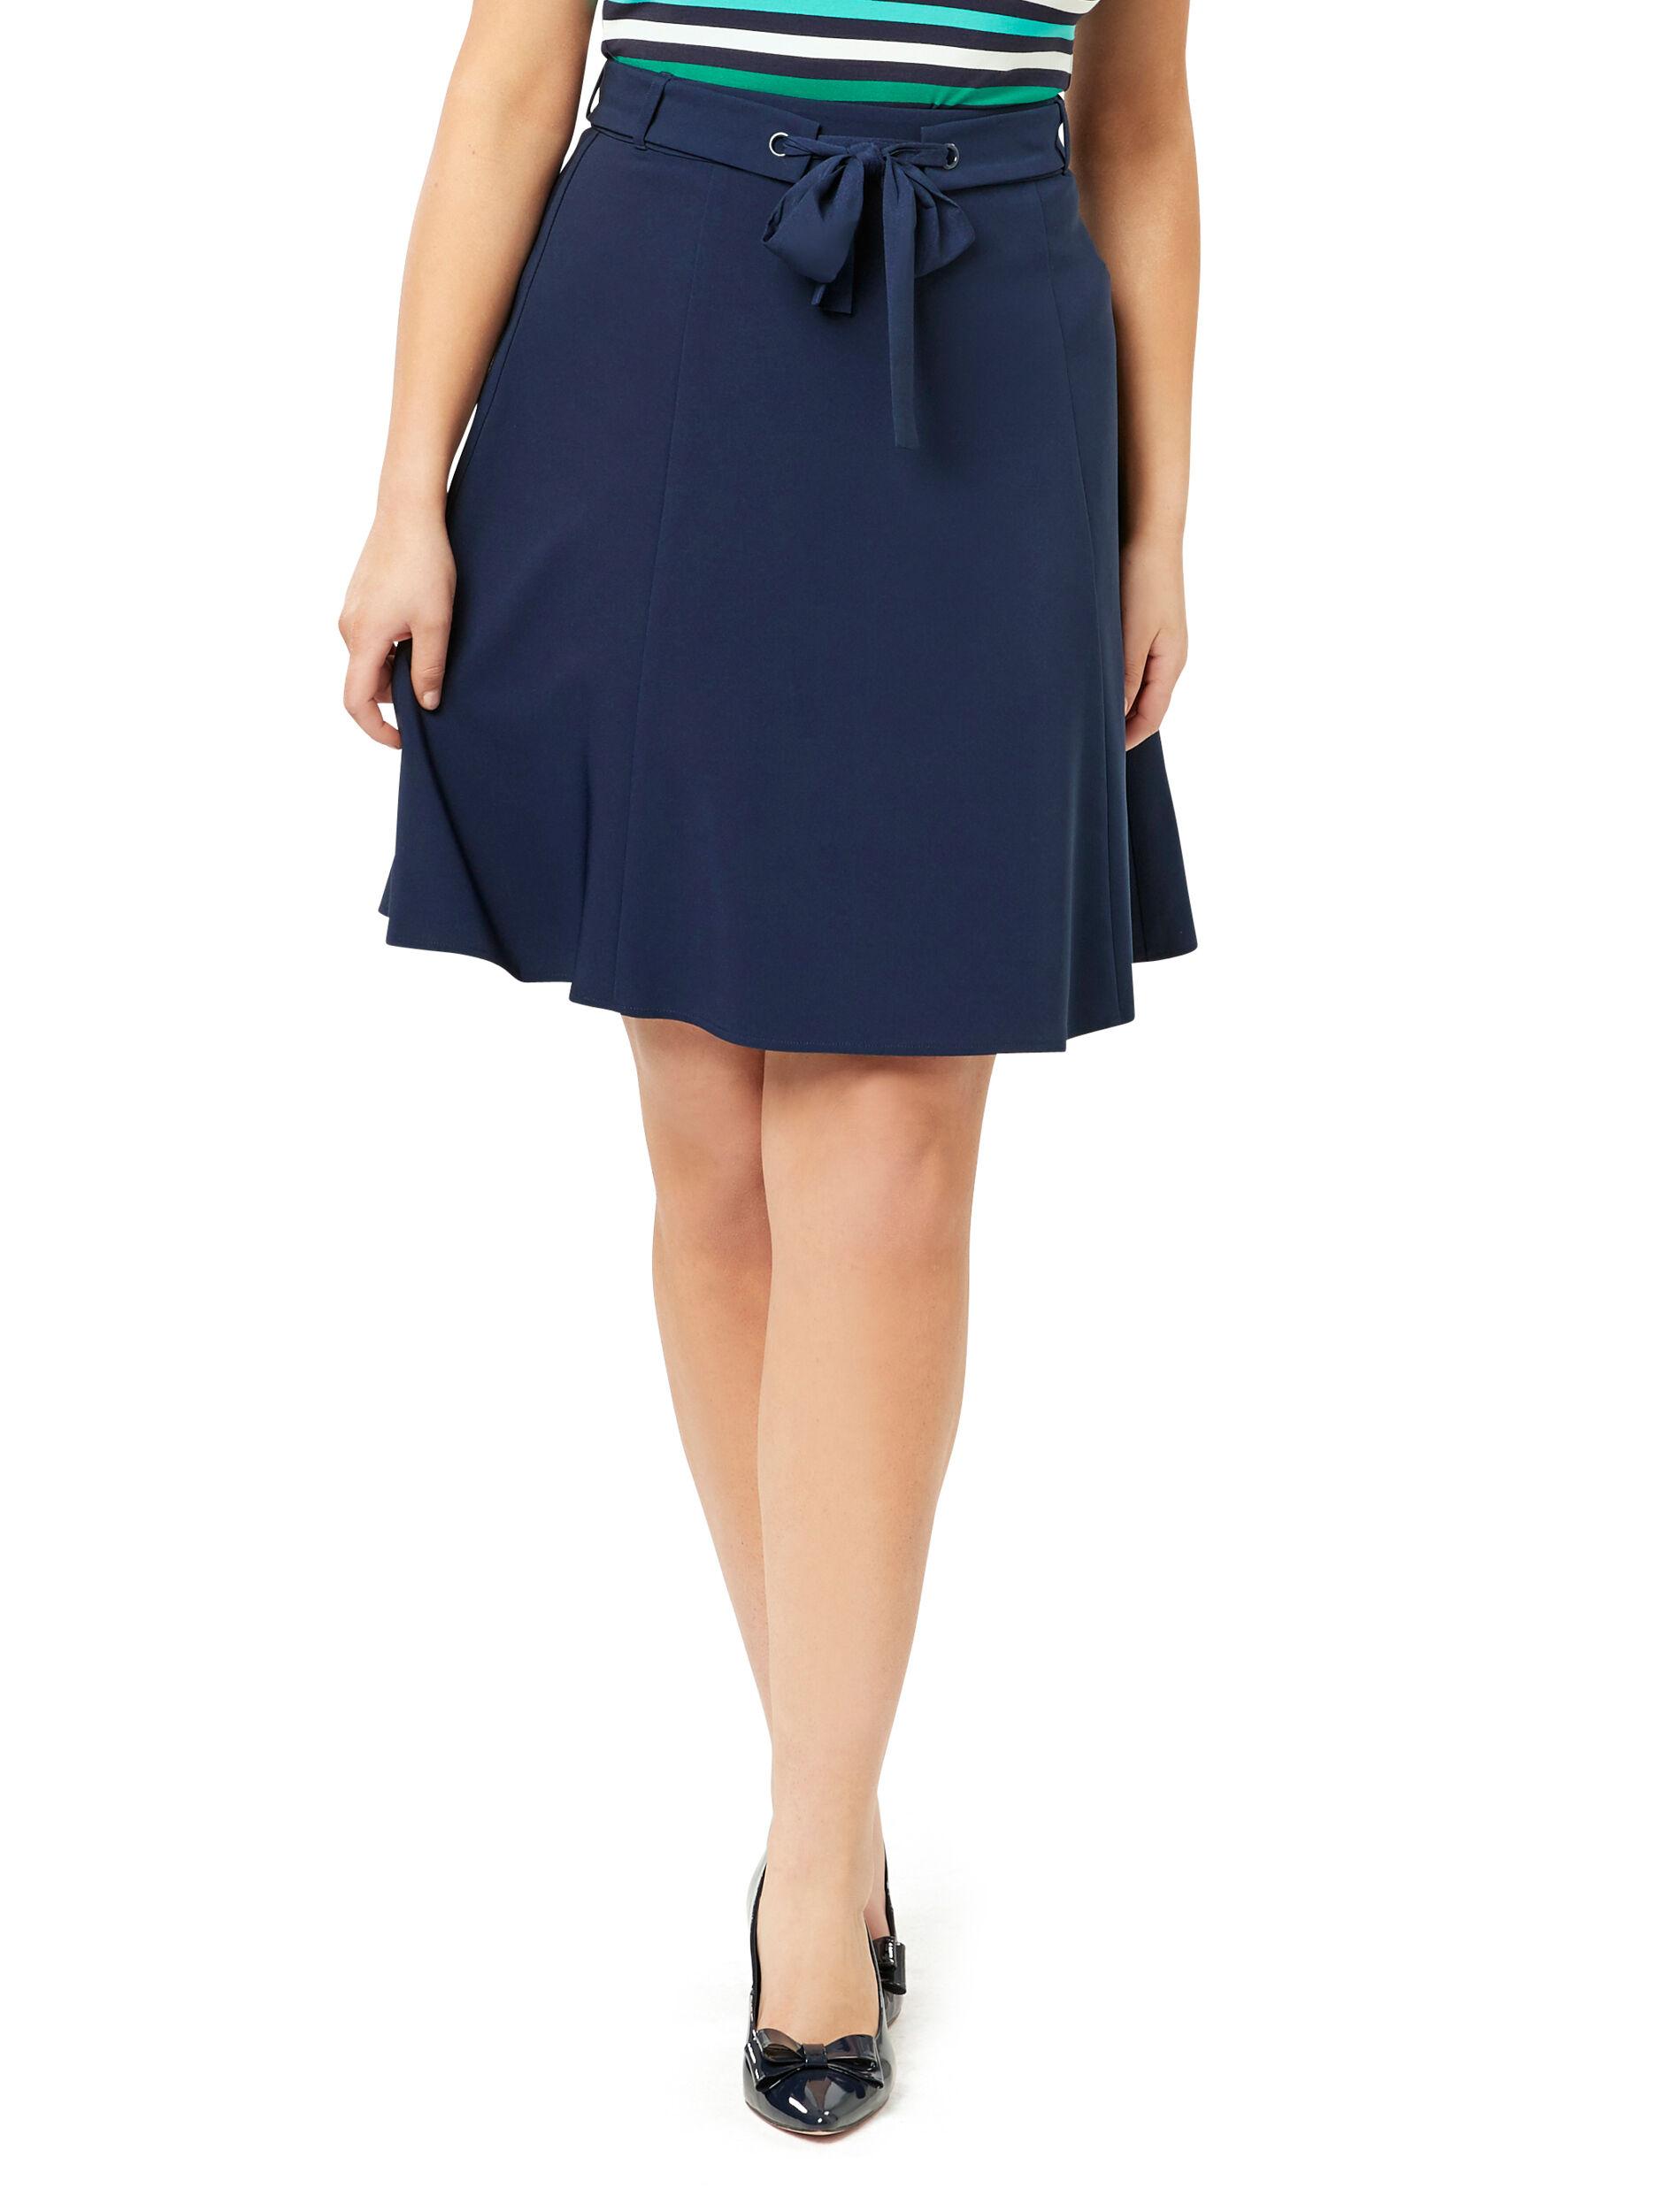 Miss Dolly Skirt